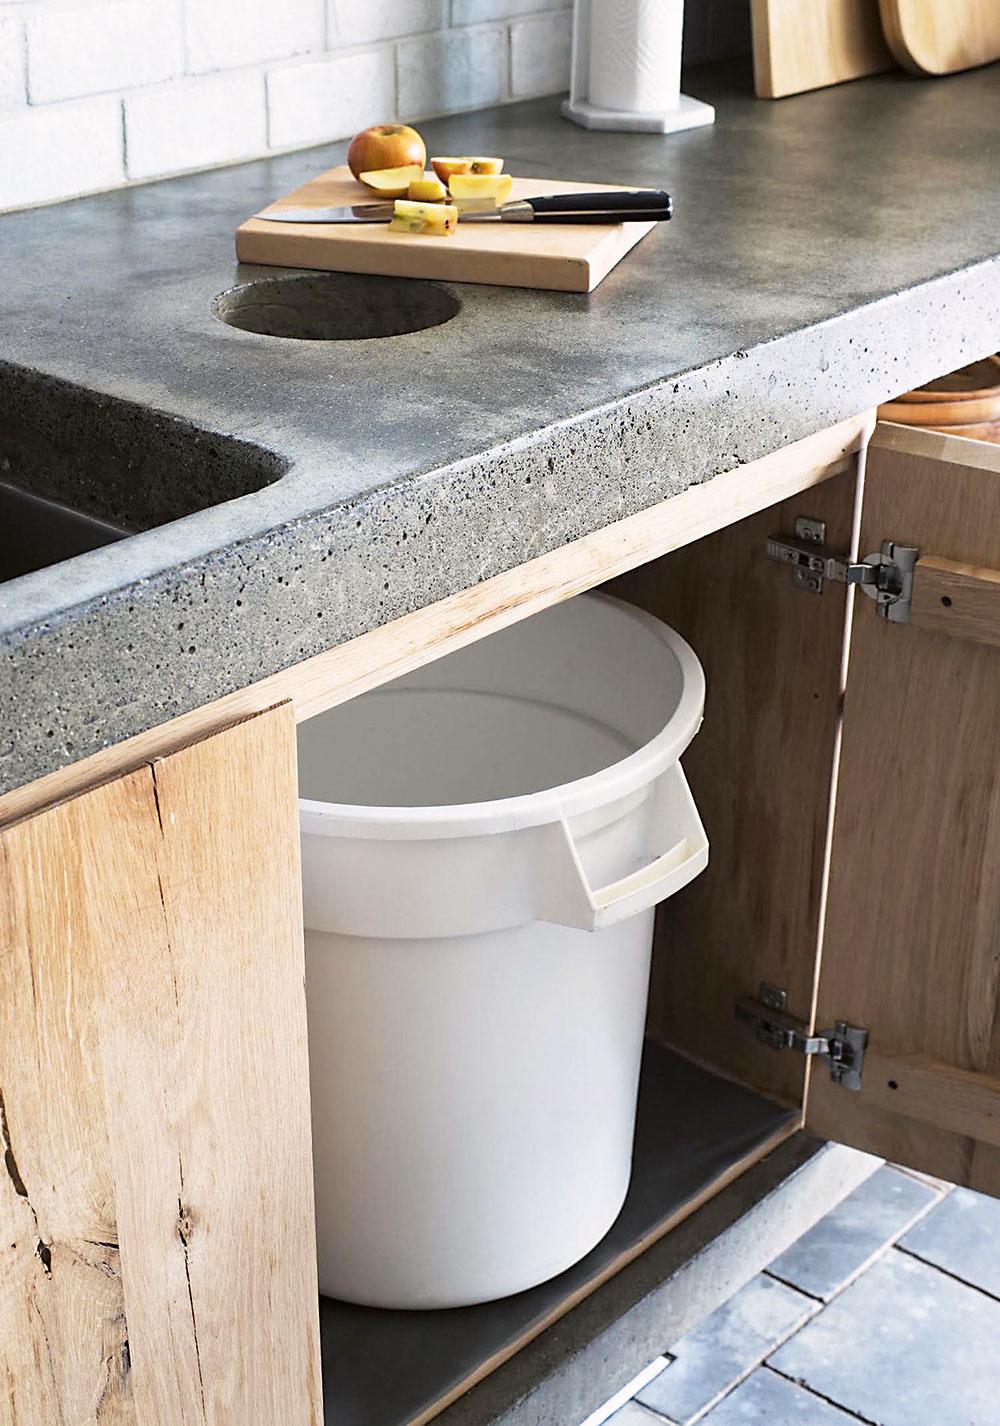 Nenápadný pomocník. Pri krájaní zeleniny určite oceníte šikovného pomocníka vpodobe koša ukrytého vskrinke. Kruhový otvor môžete zakryť dreveným alebo kovovým poklopom, ktorý bude celkom splývať spracovnou doskou.